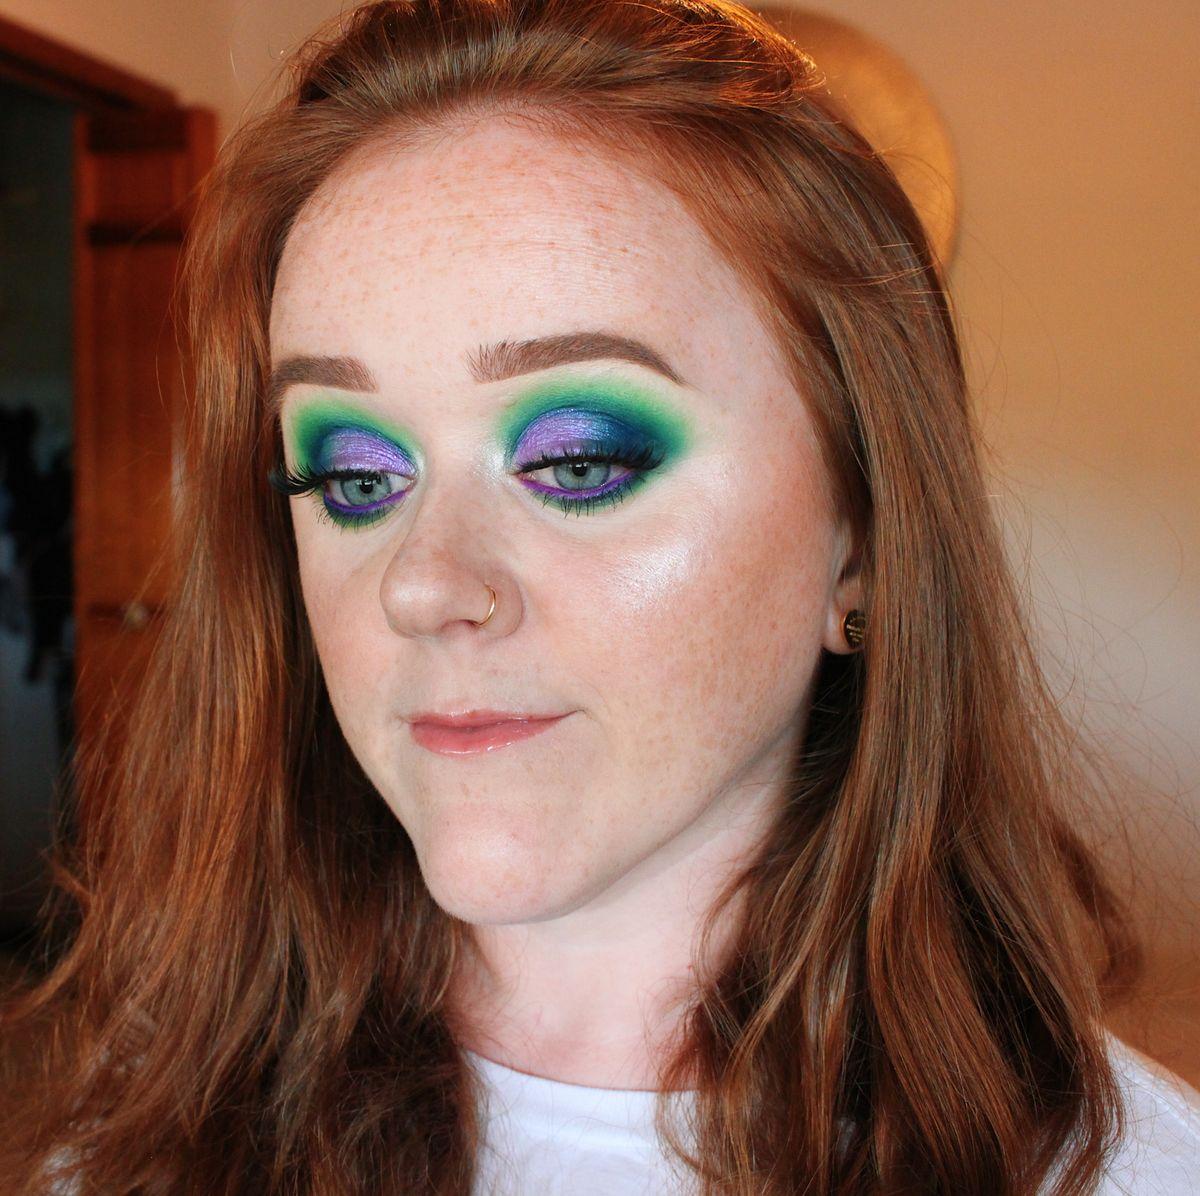 green blue & purple makeup look #makeup #makeuptutorial #eyemakeup #makeuplooks